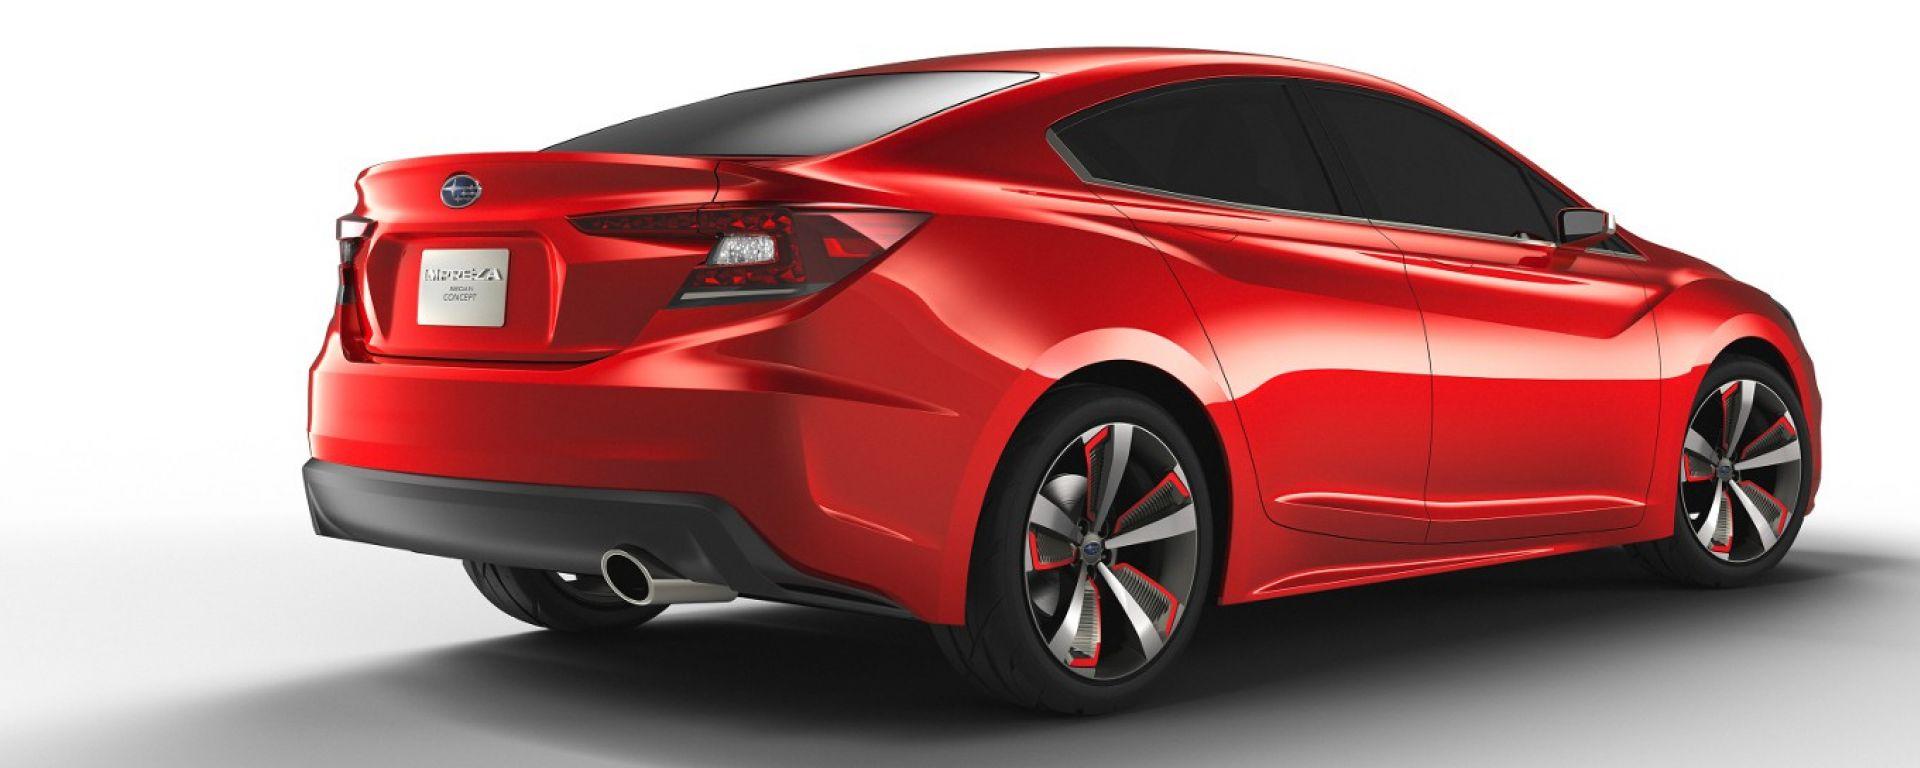 novità auto - subaru impreza sedan concept - motorbox